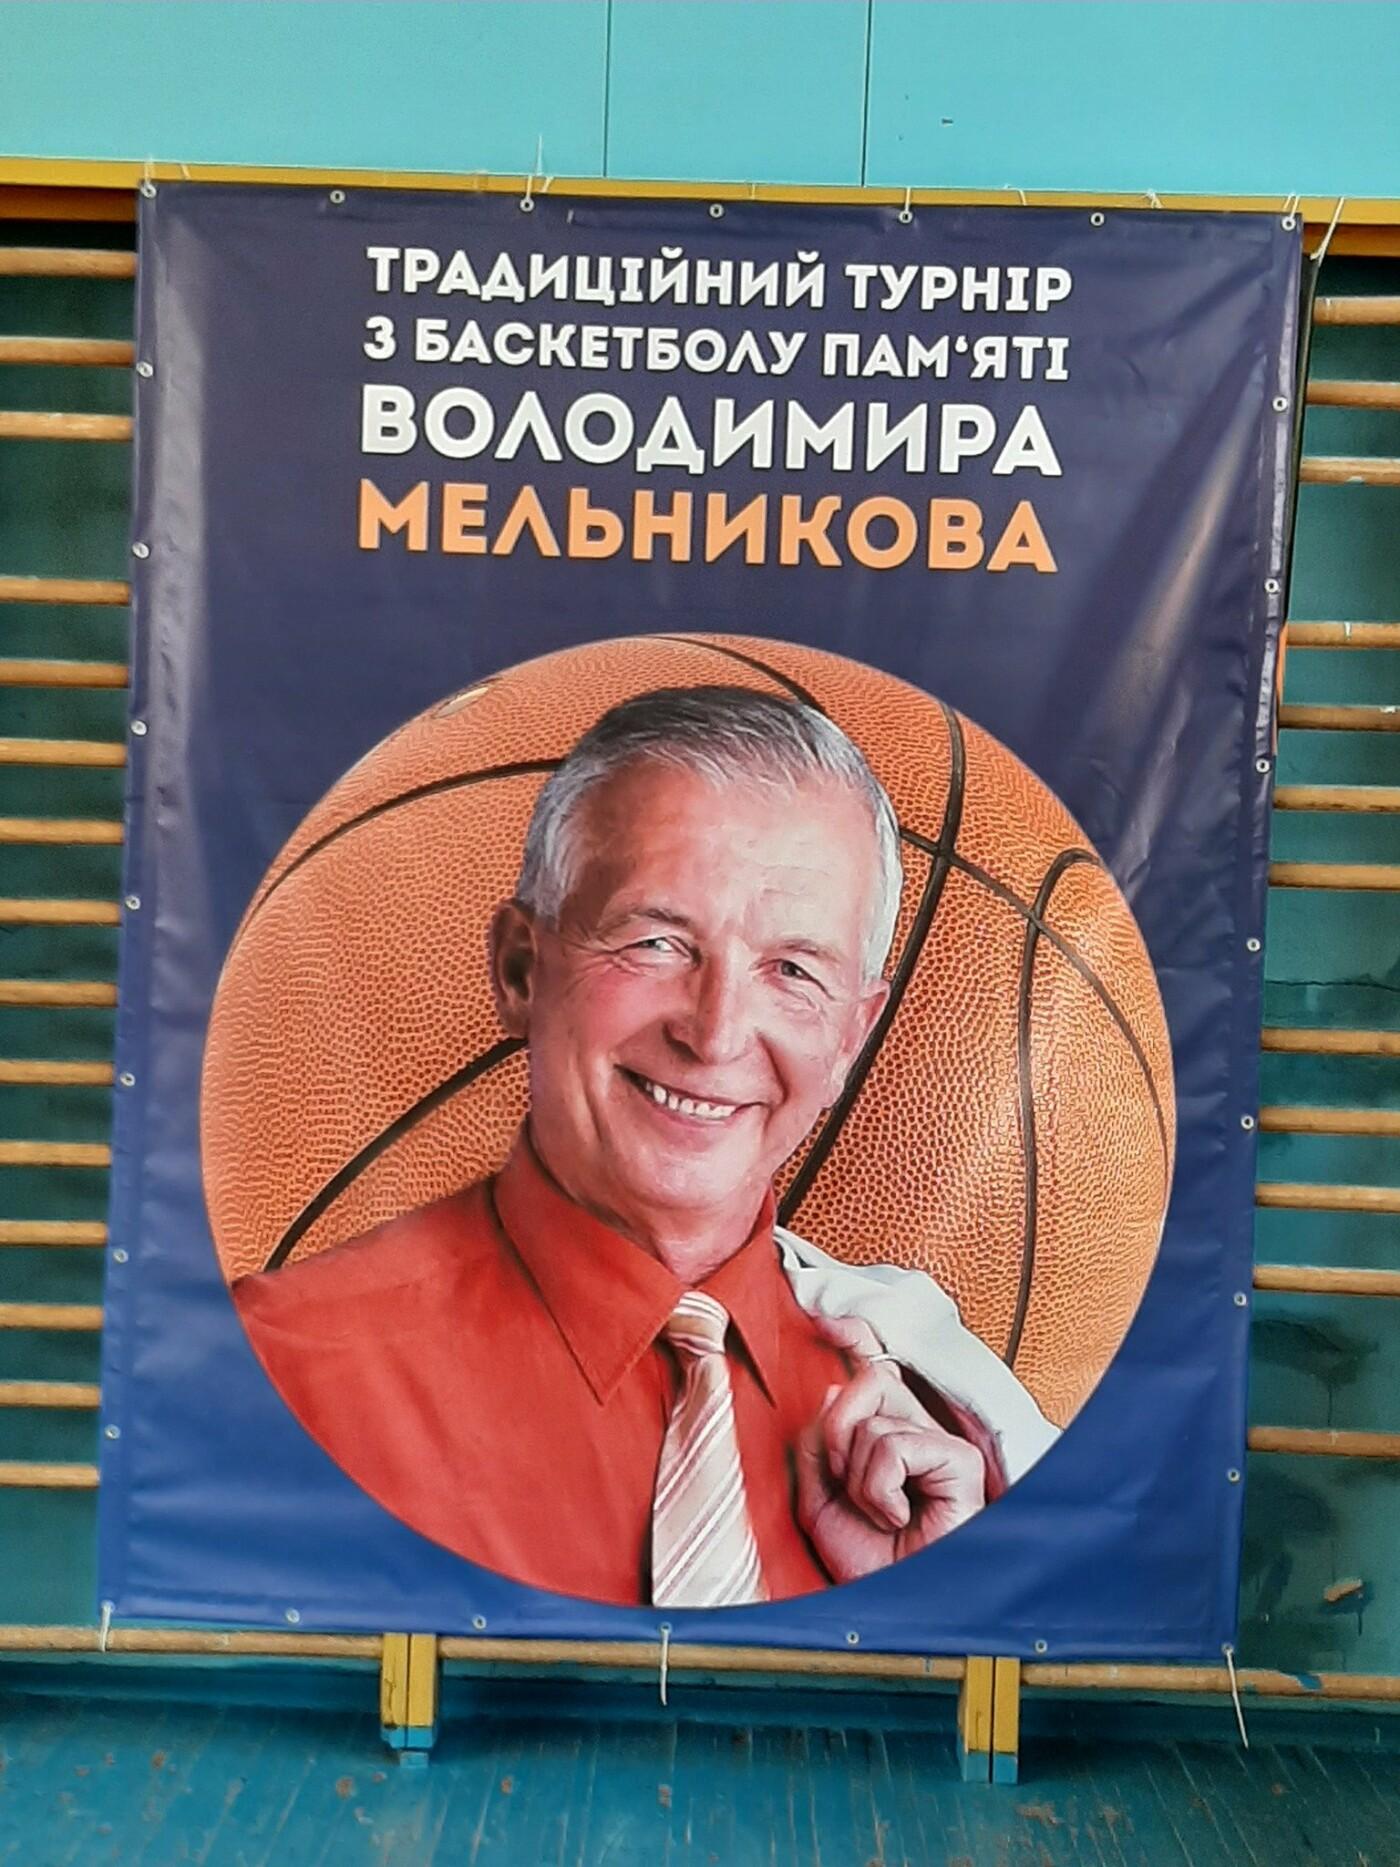 Кубок знову не у Лозовій: як пройшов турнір з баскетболу пам'яті Володимира Мельникова, фото-2